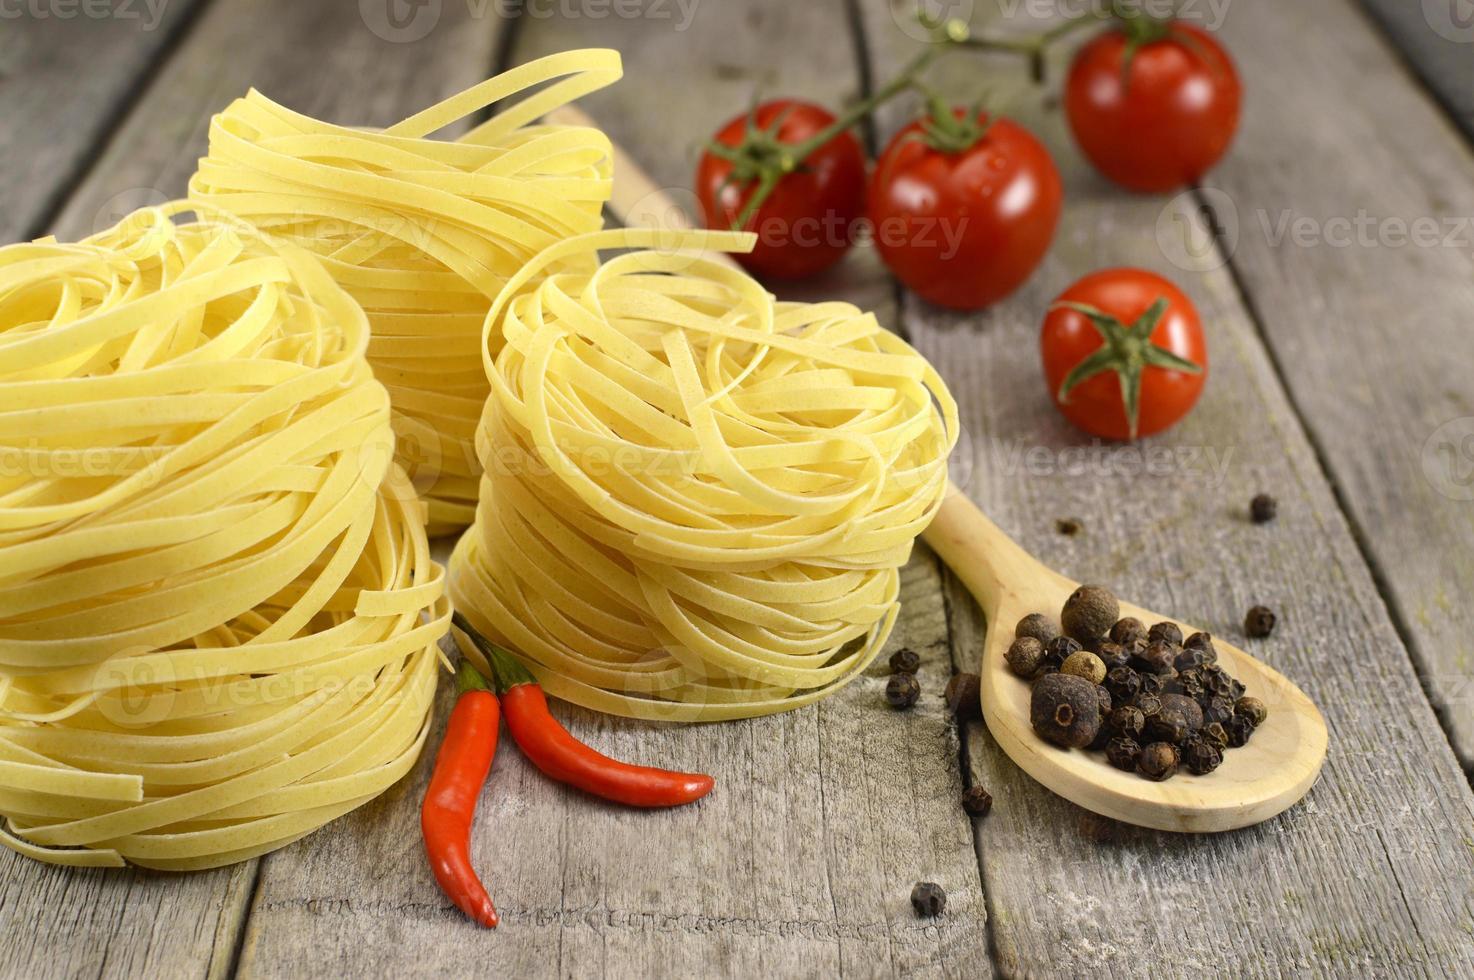 italienische Nudeln Stillleben foto